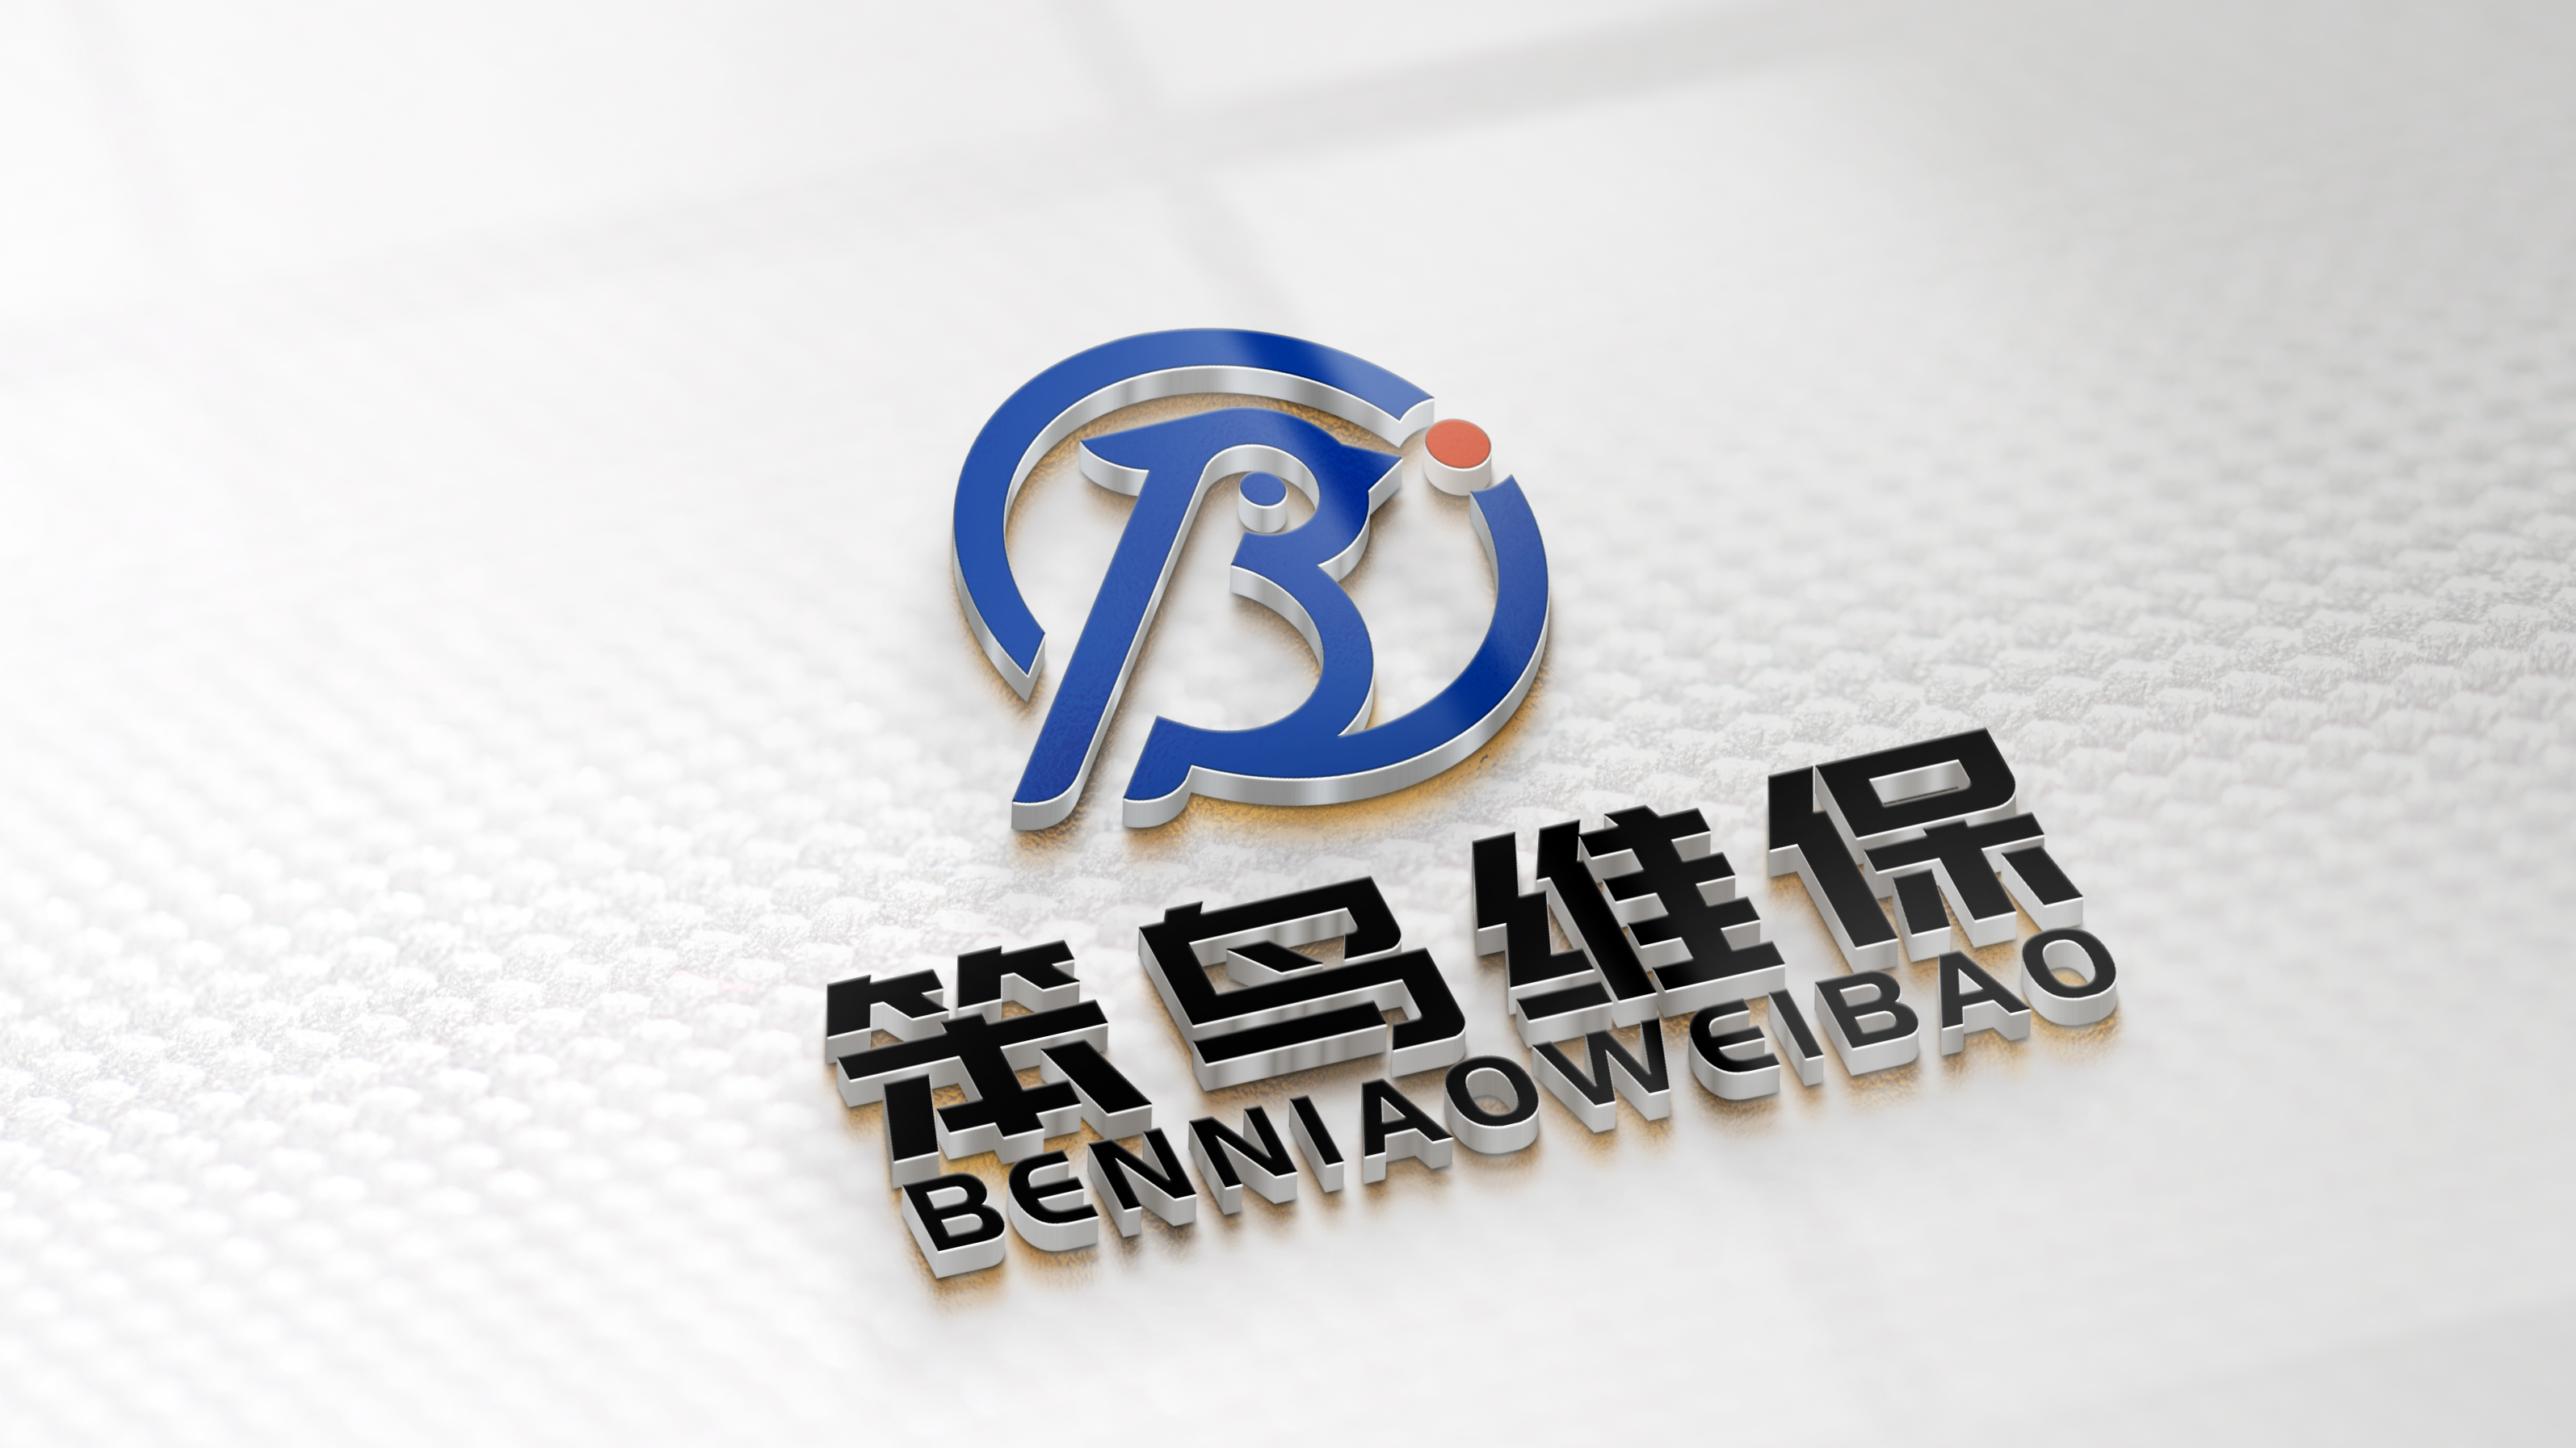 logo名称,笨鸟 / 笨鸟维保_3033458_k68威客网